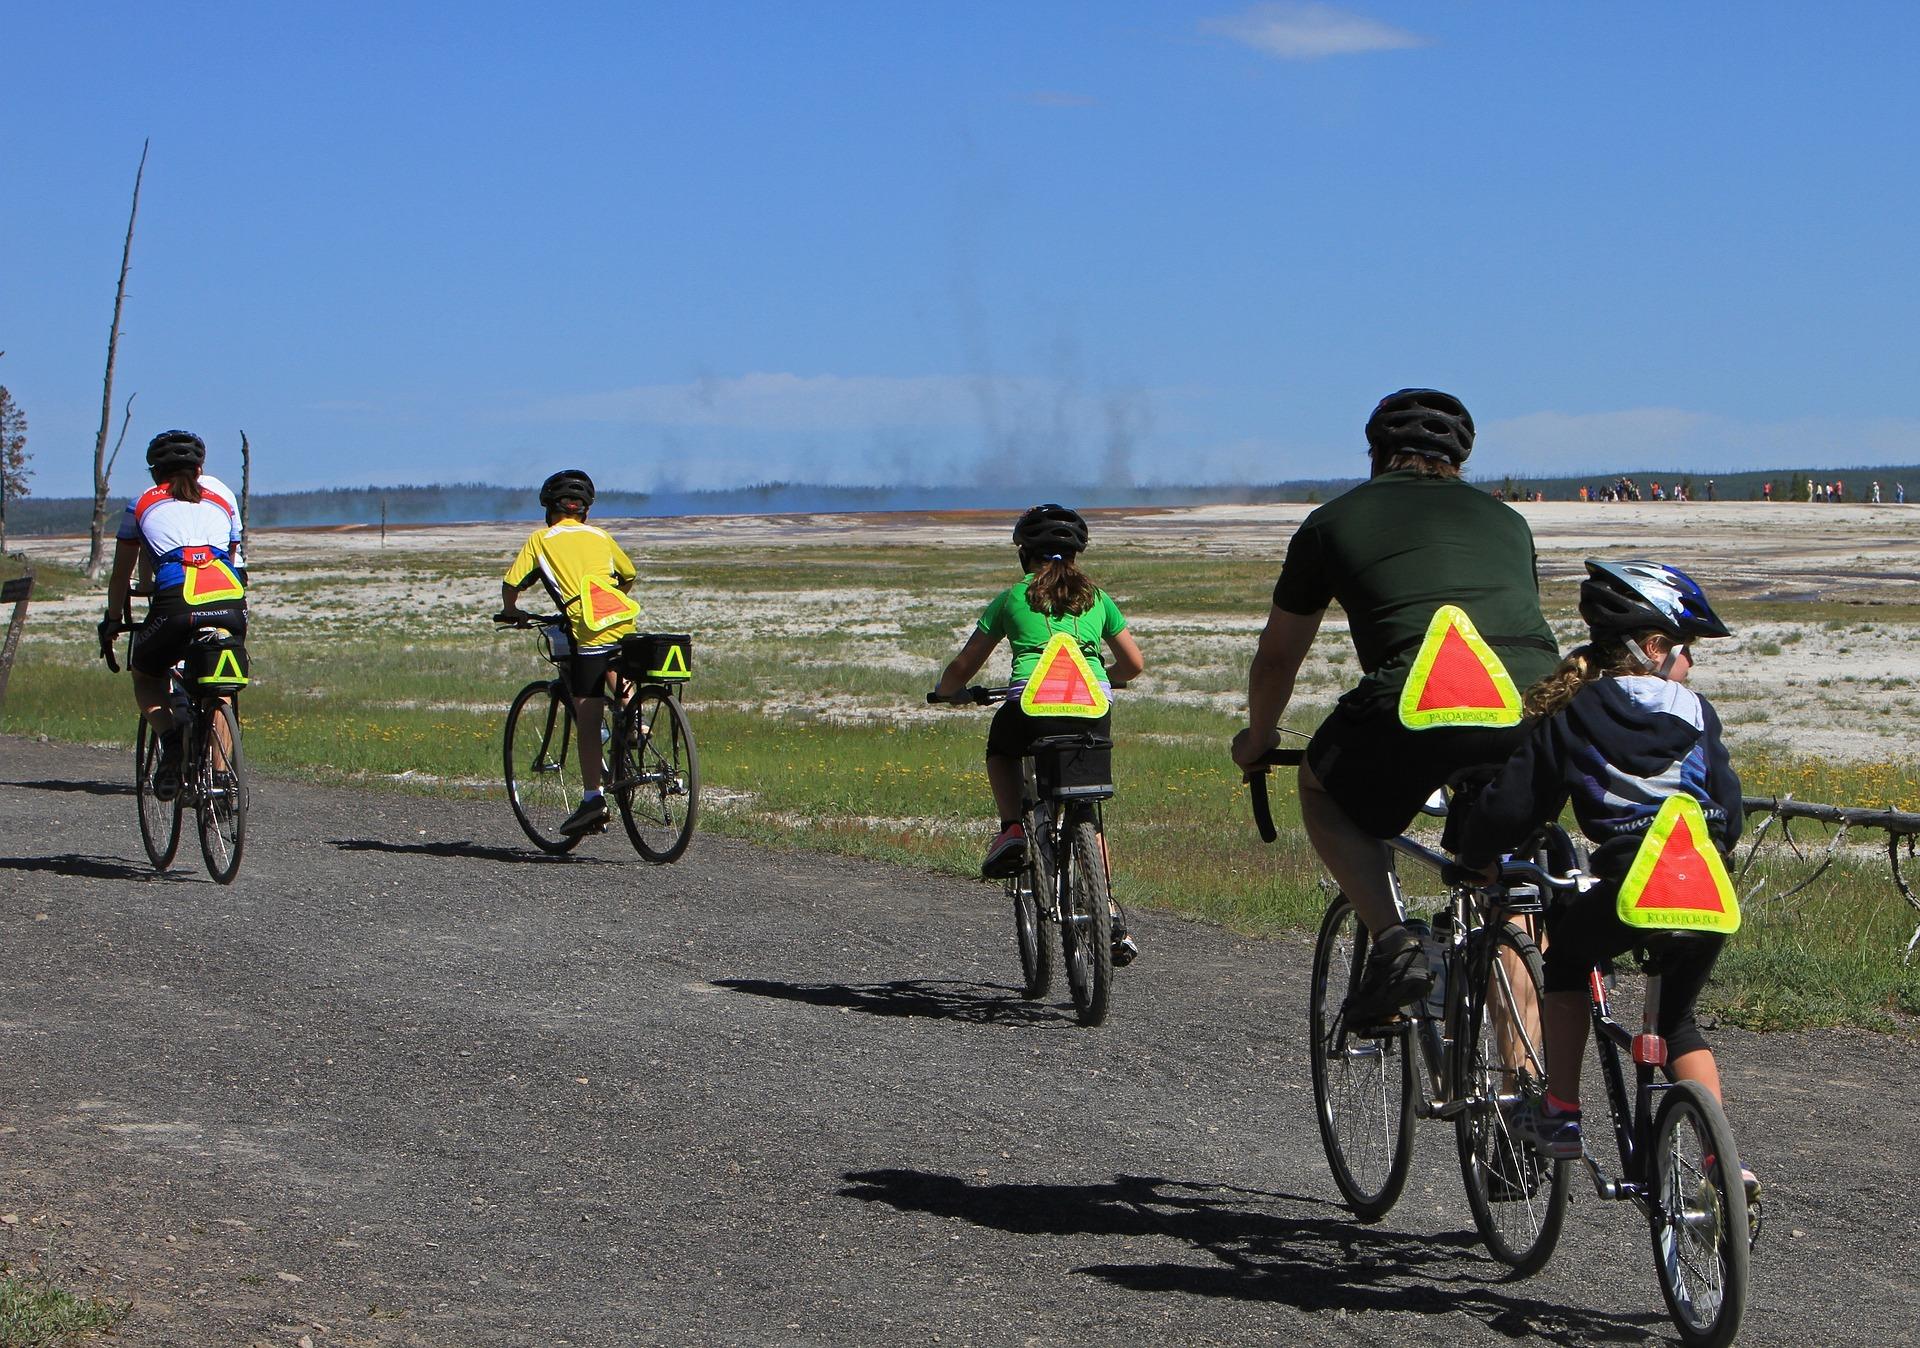 Family Friendly Bike Paths